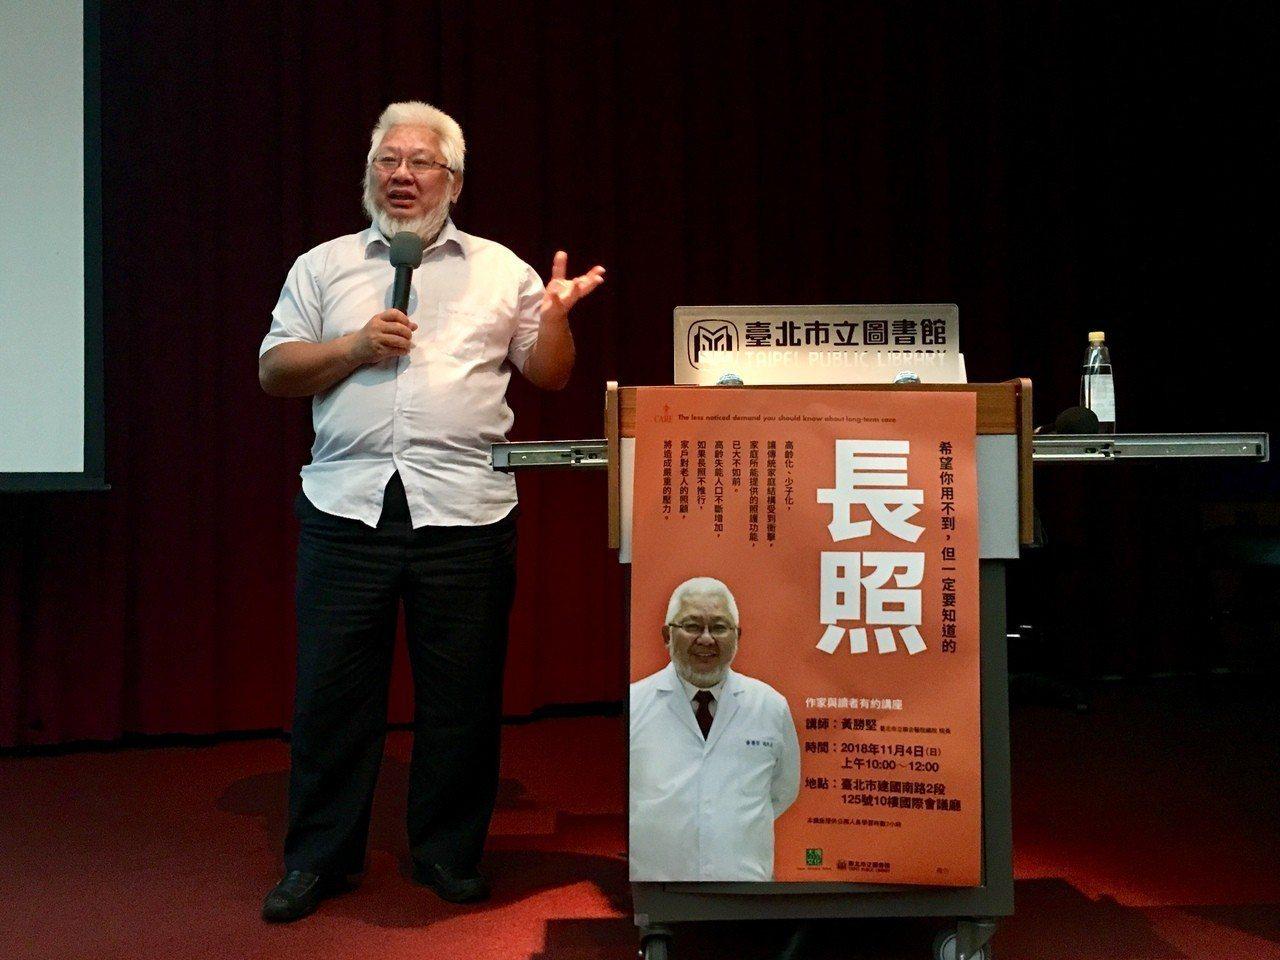 承辦長照A單位的台北市立聯合醫院總院長黃勝堅表示,長照A單位個管師配置是3人負責...